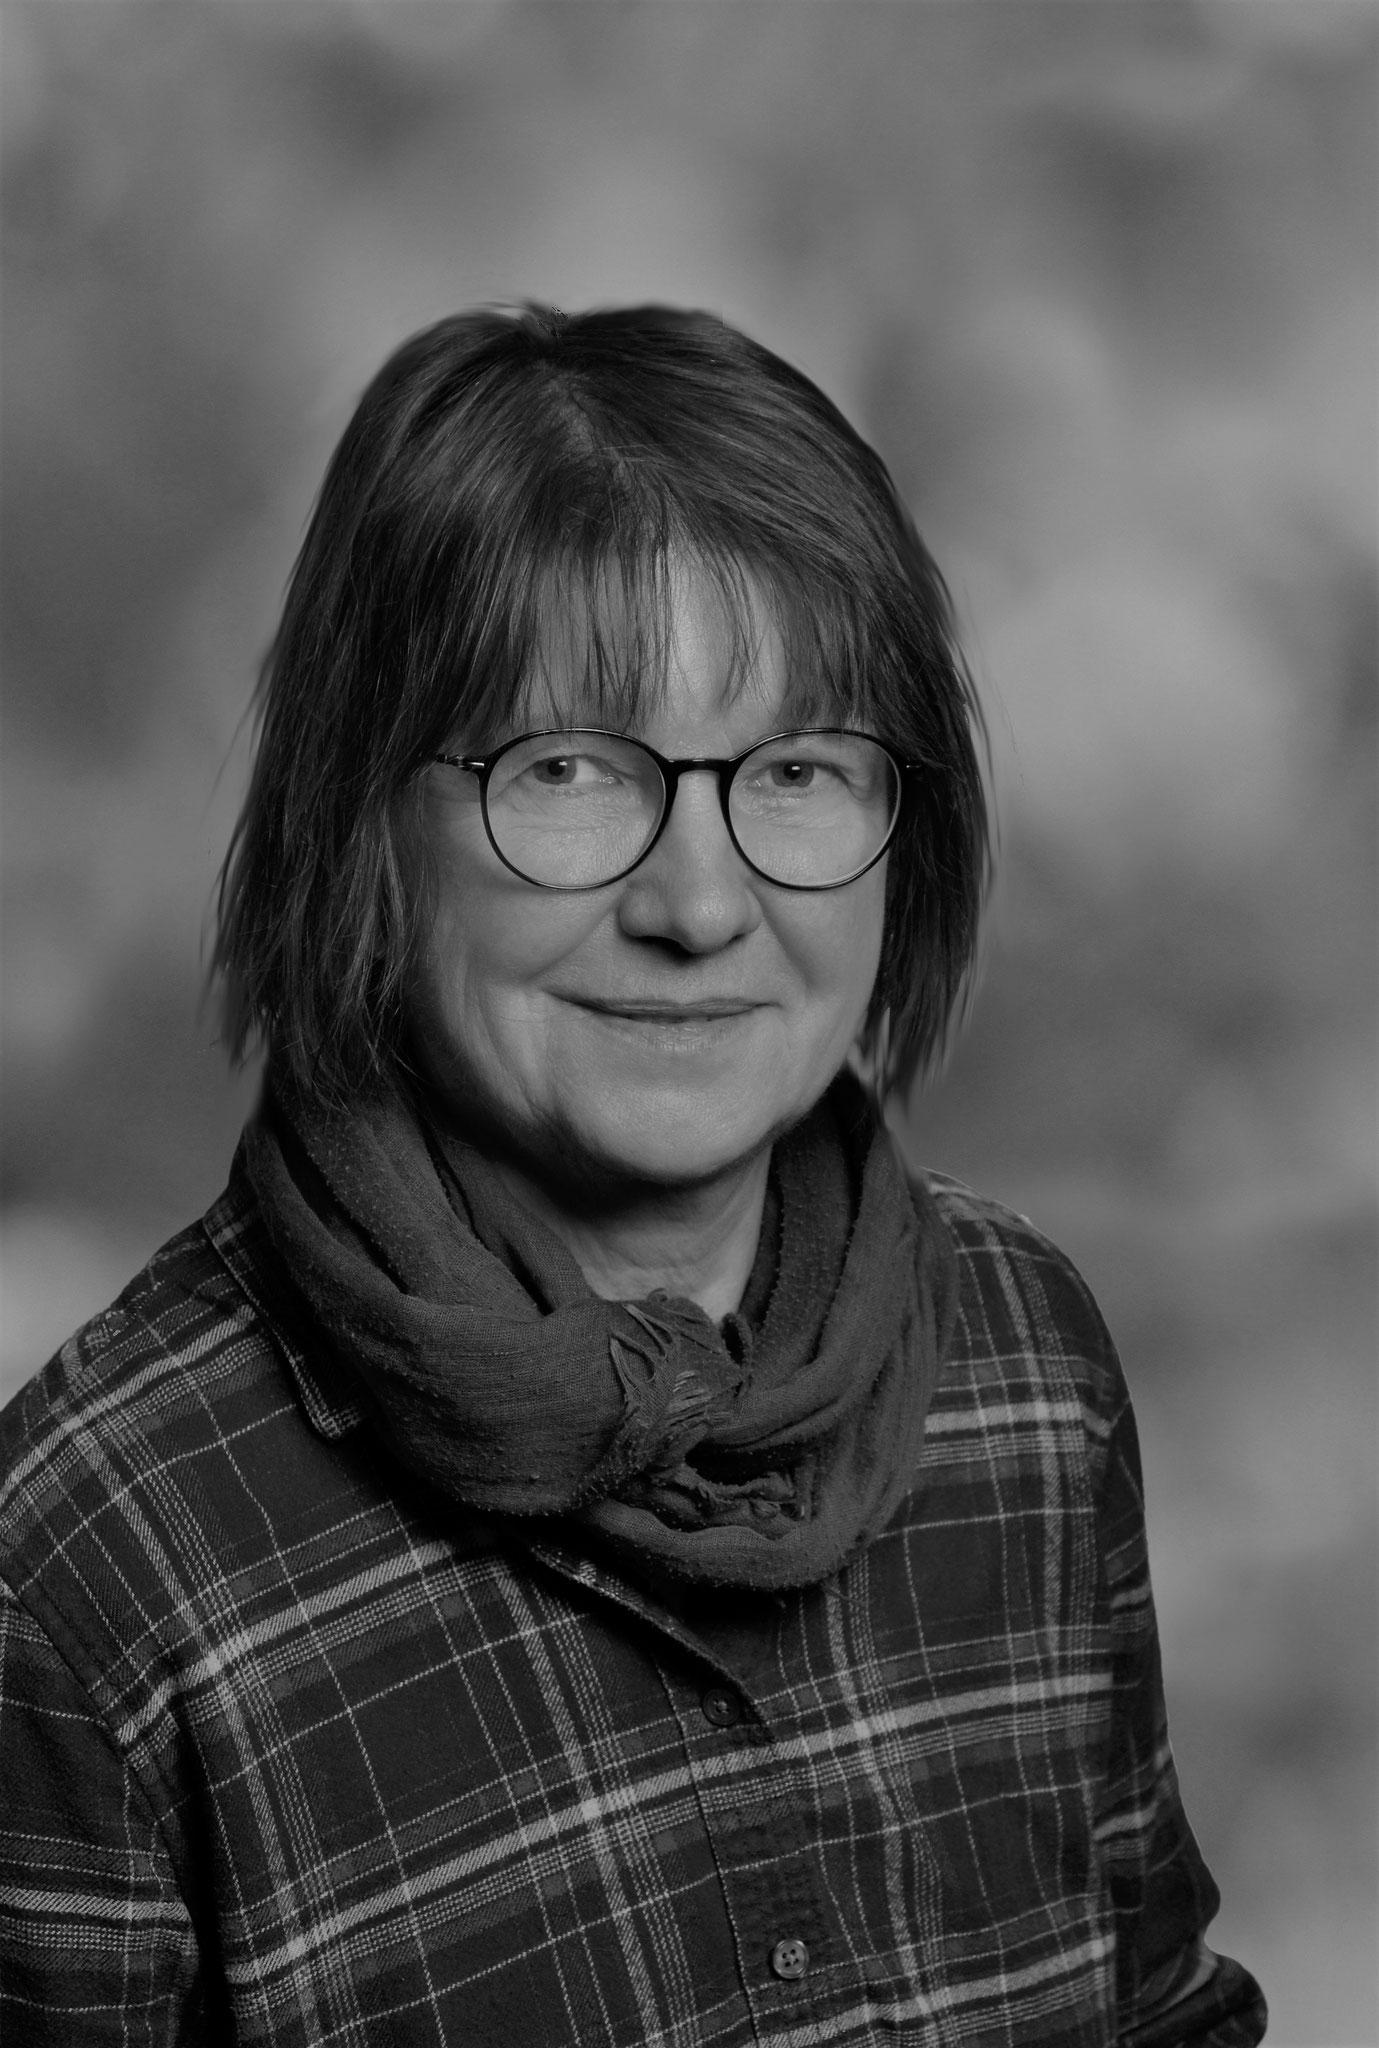 Jutta Winter (*1955) studierte Bildende Kunst, Erziehungswissenschaften und Psychologie. Ein wesentlicher Schwerpunkt ihrer beruflichen Tätigkeiten war die Biographiearbeit. Seit einigen Jahren widmet sie sich diesem Gebiet literarisch.